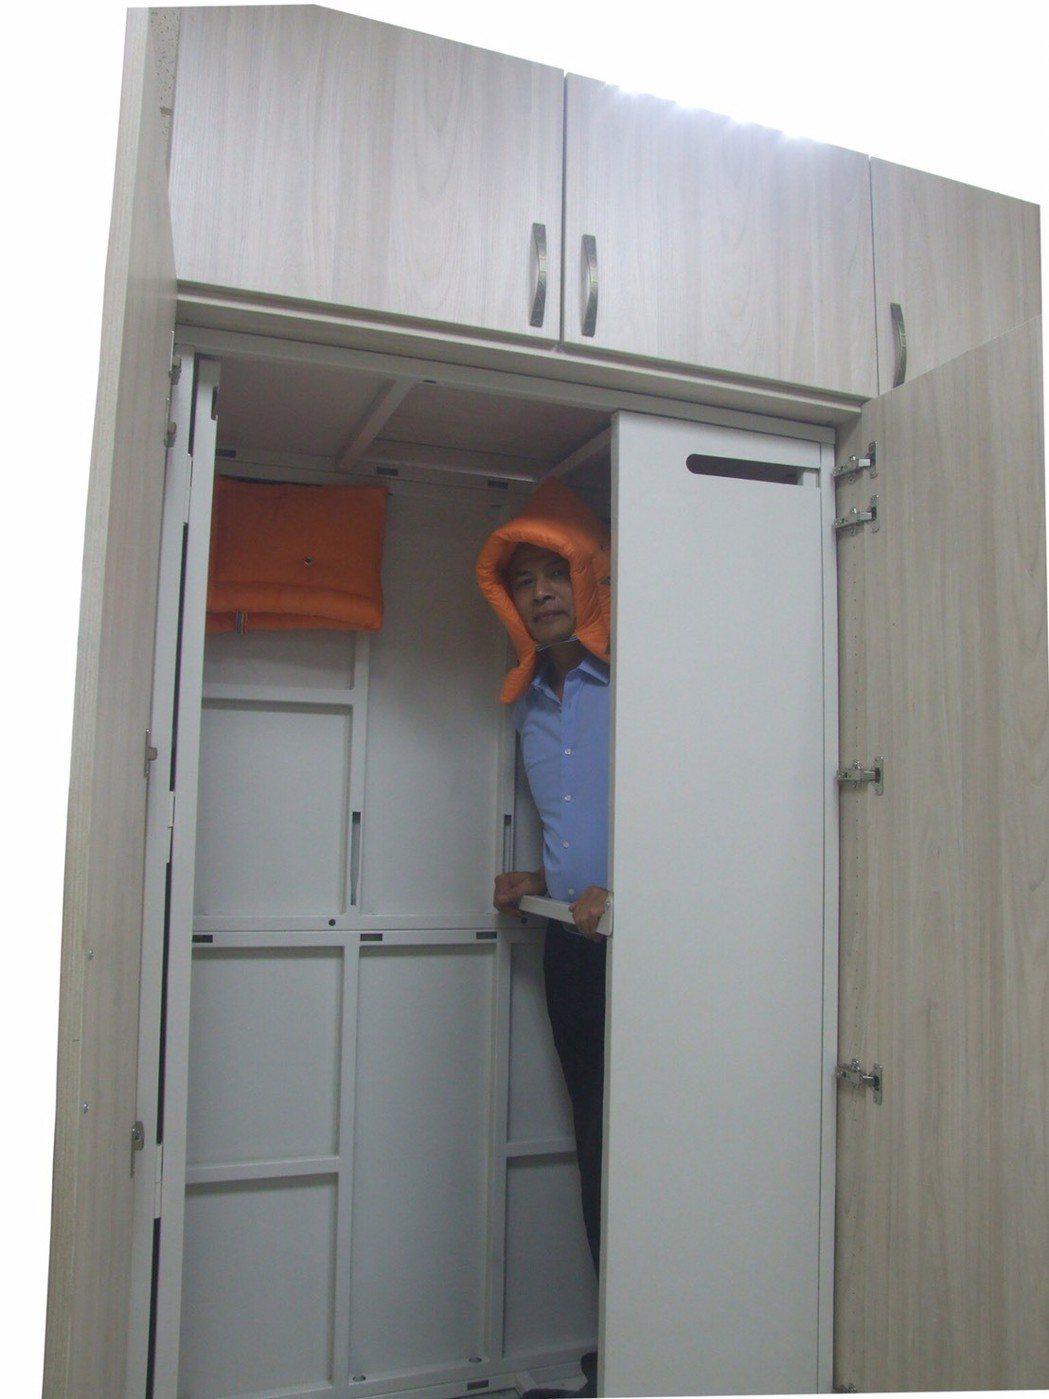 地震避難安全櫃,人員固定架內。 立駪科技/提供